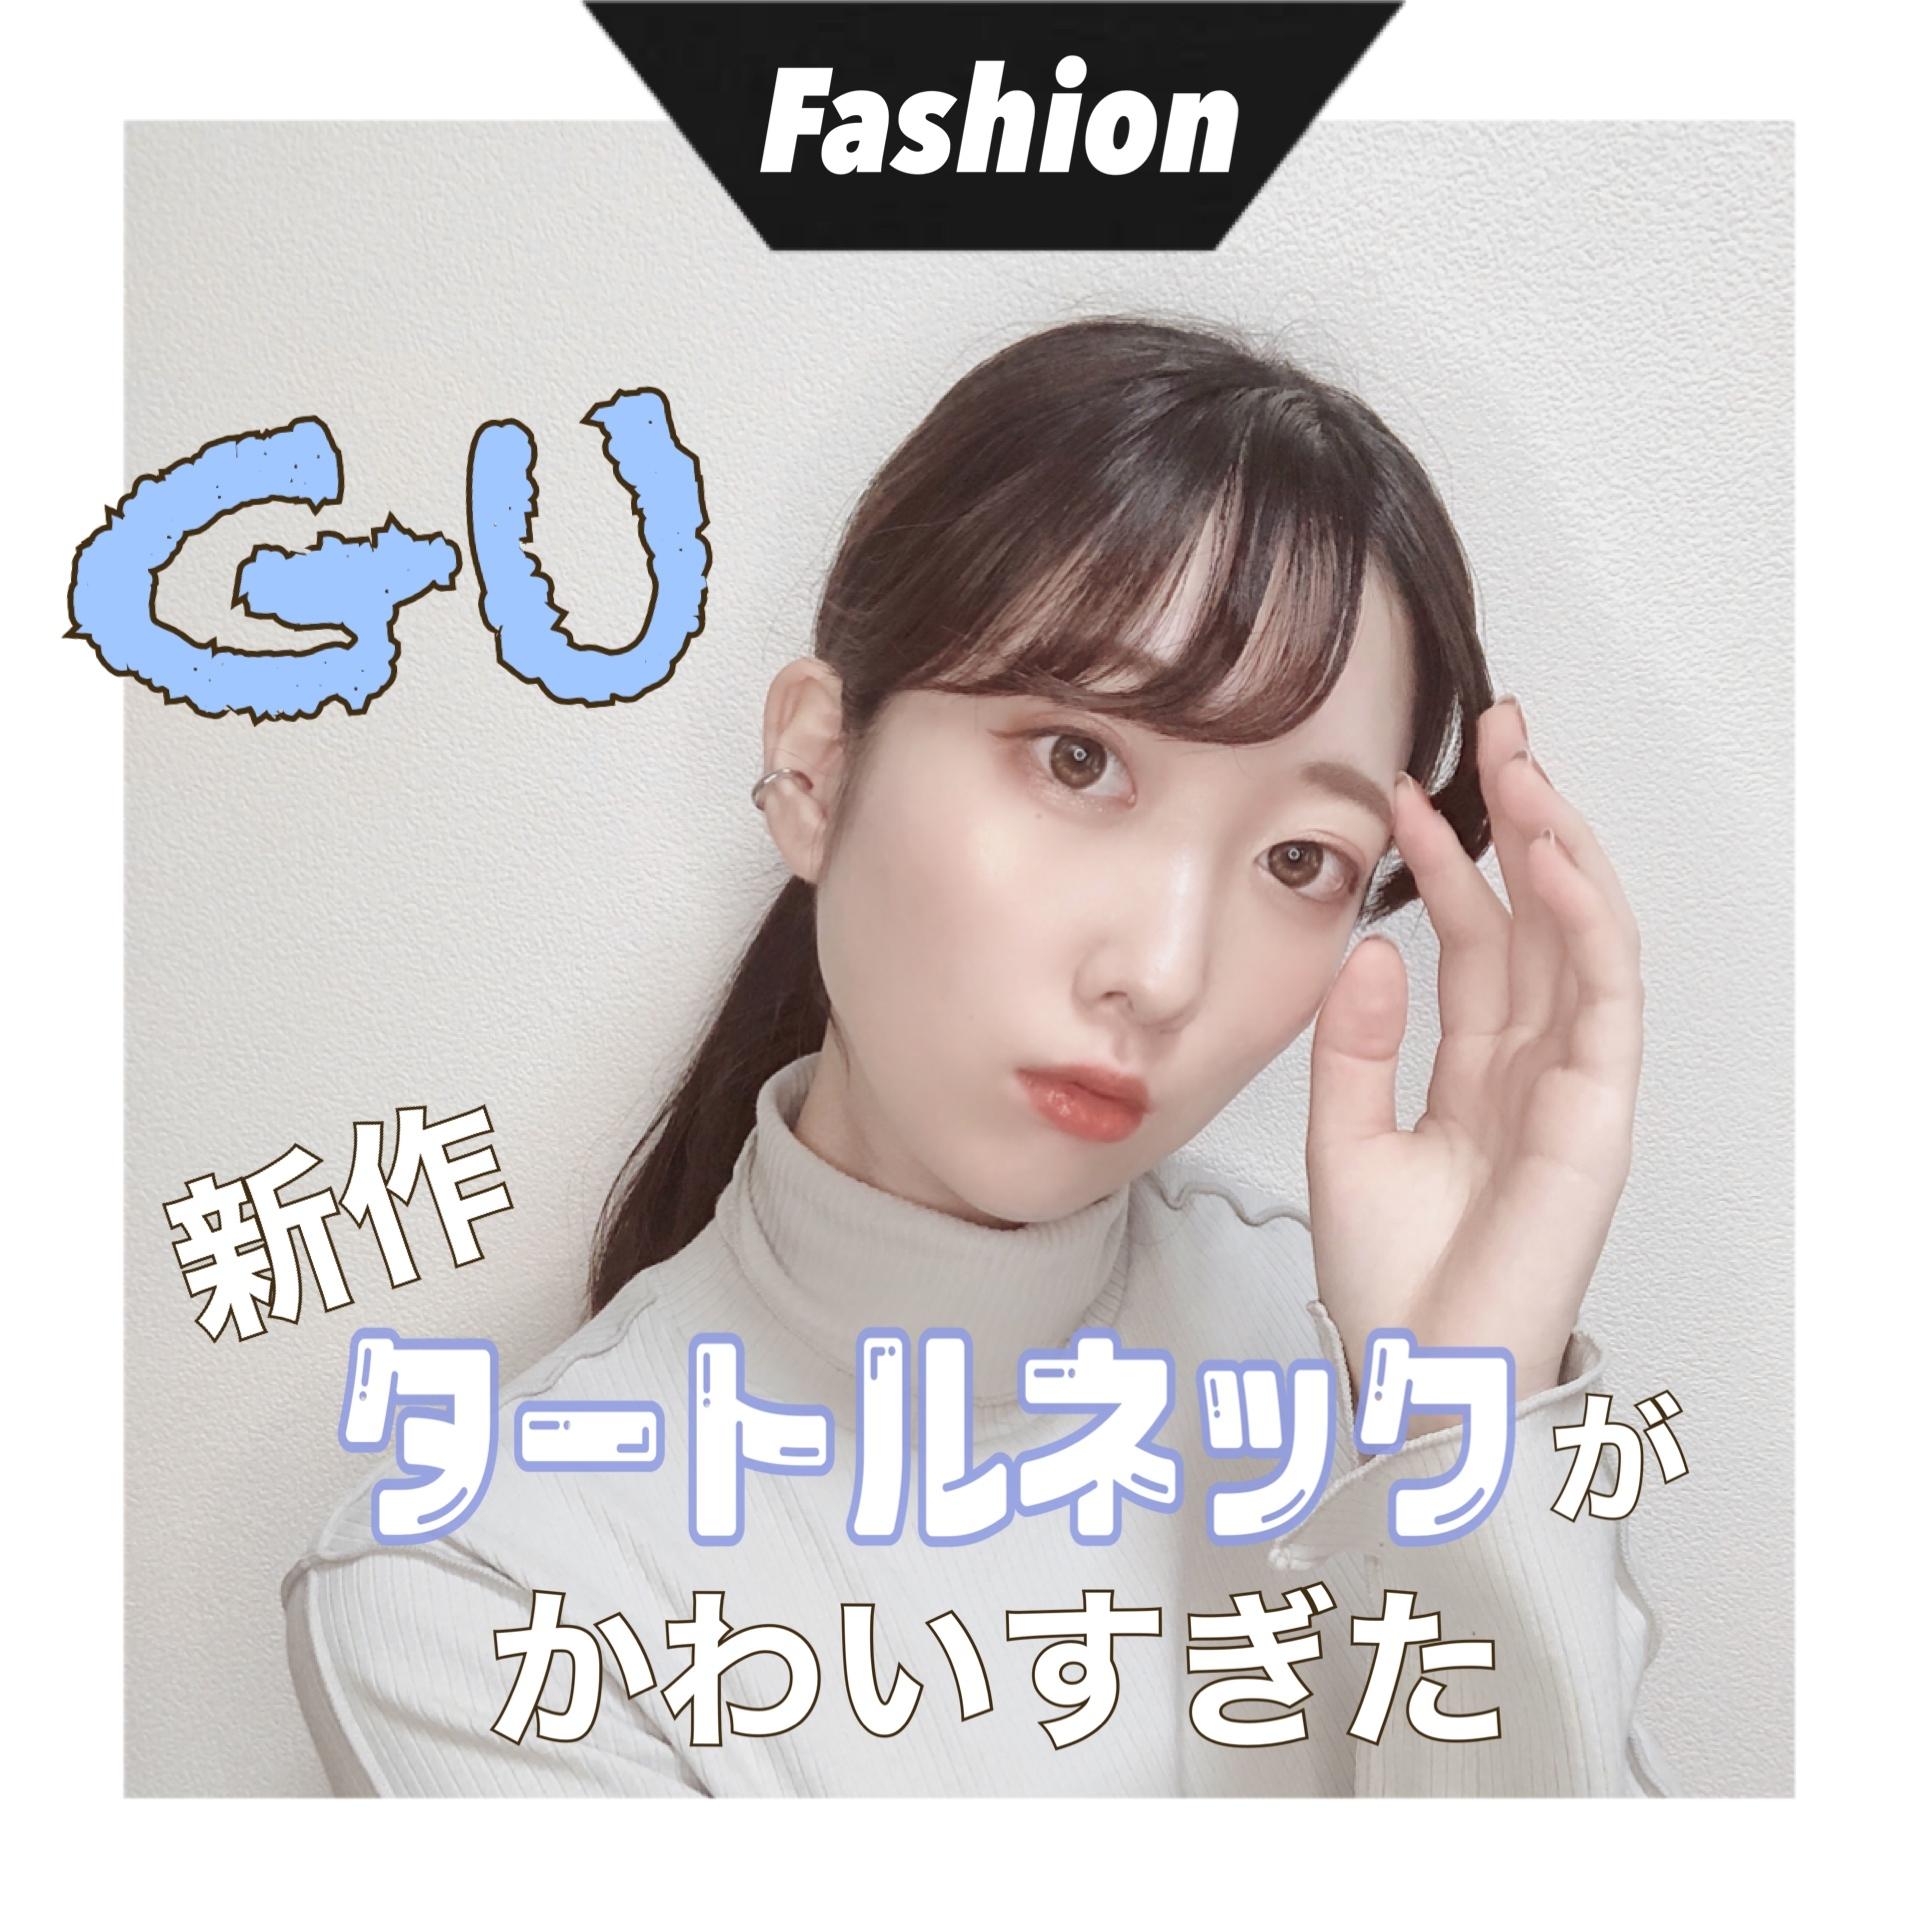 【 Fashion 】GUの新作が可愛すぎた_1_1